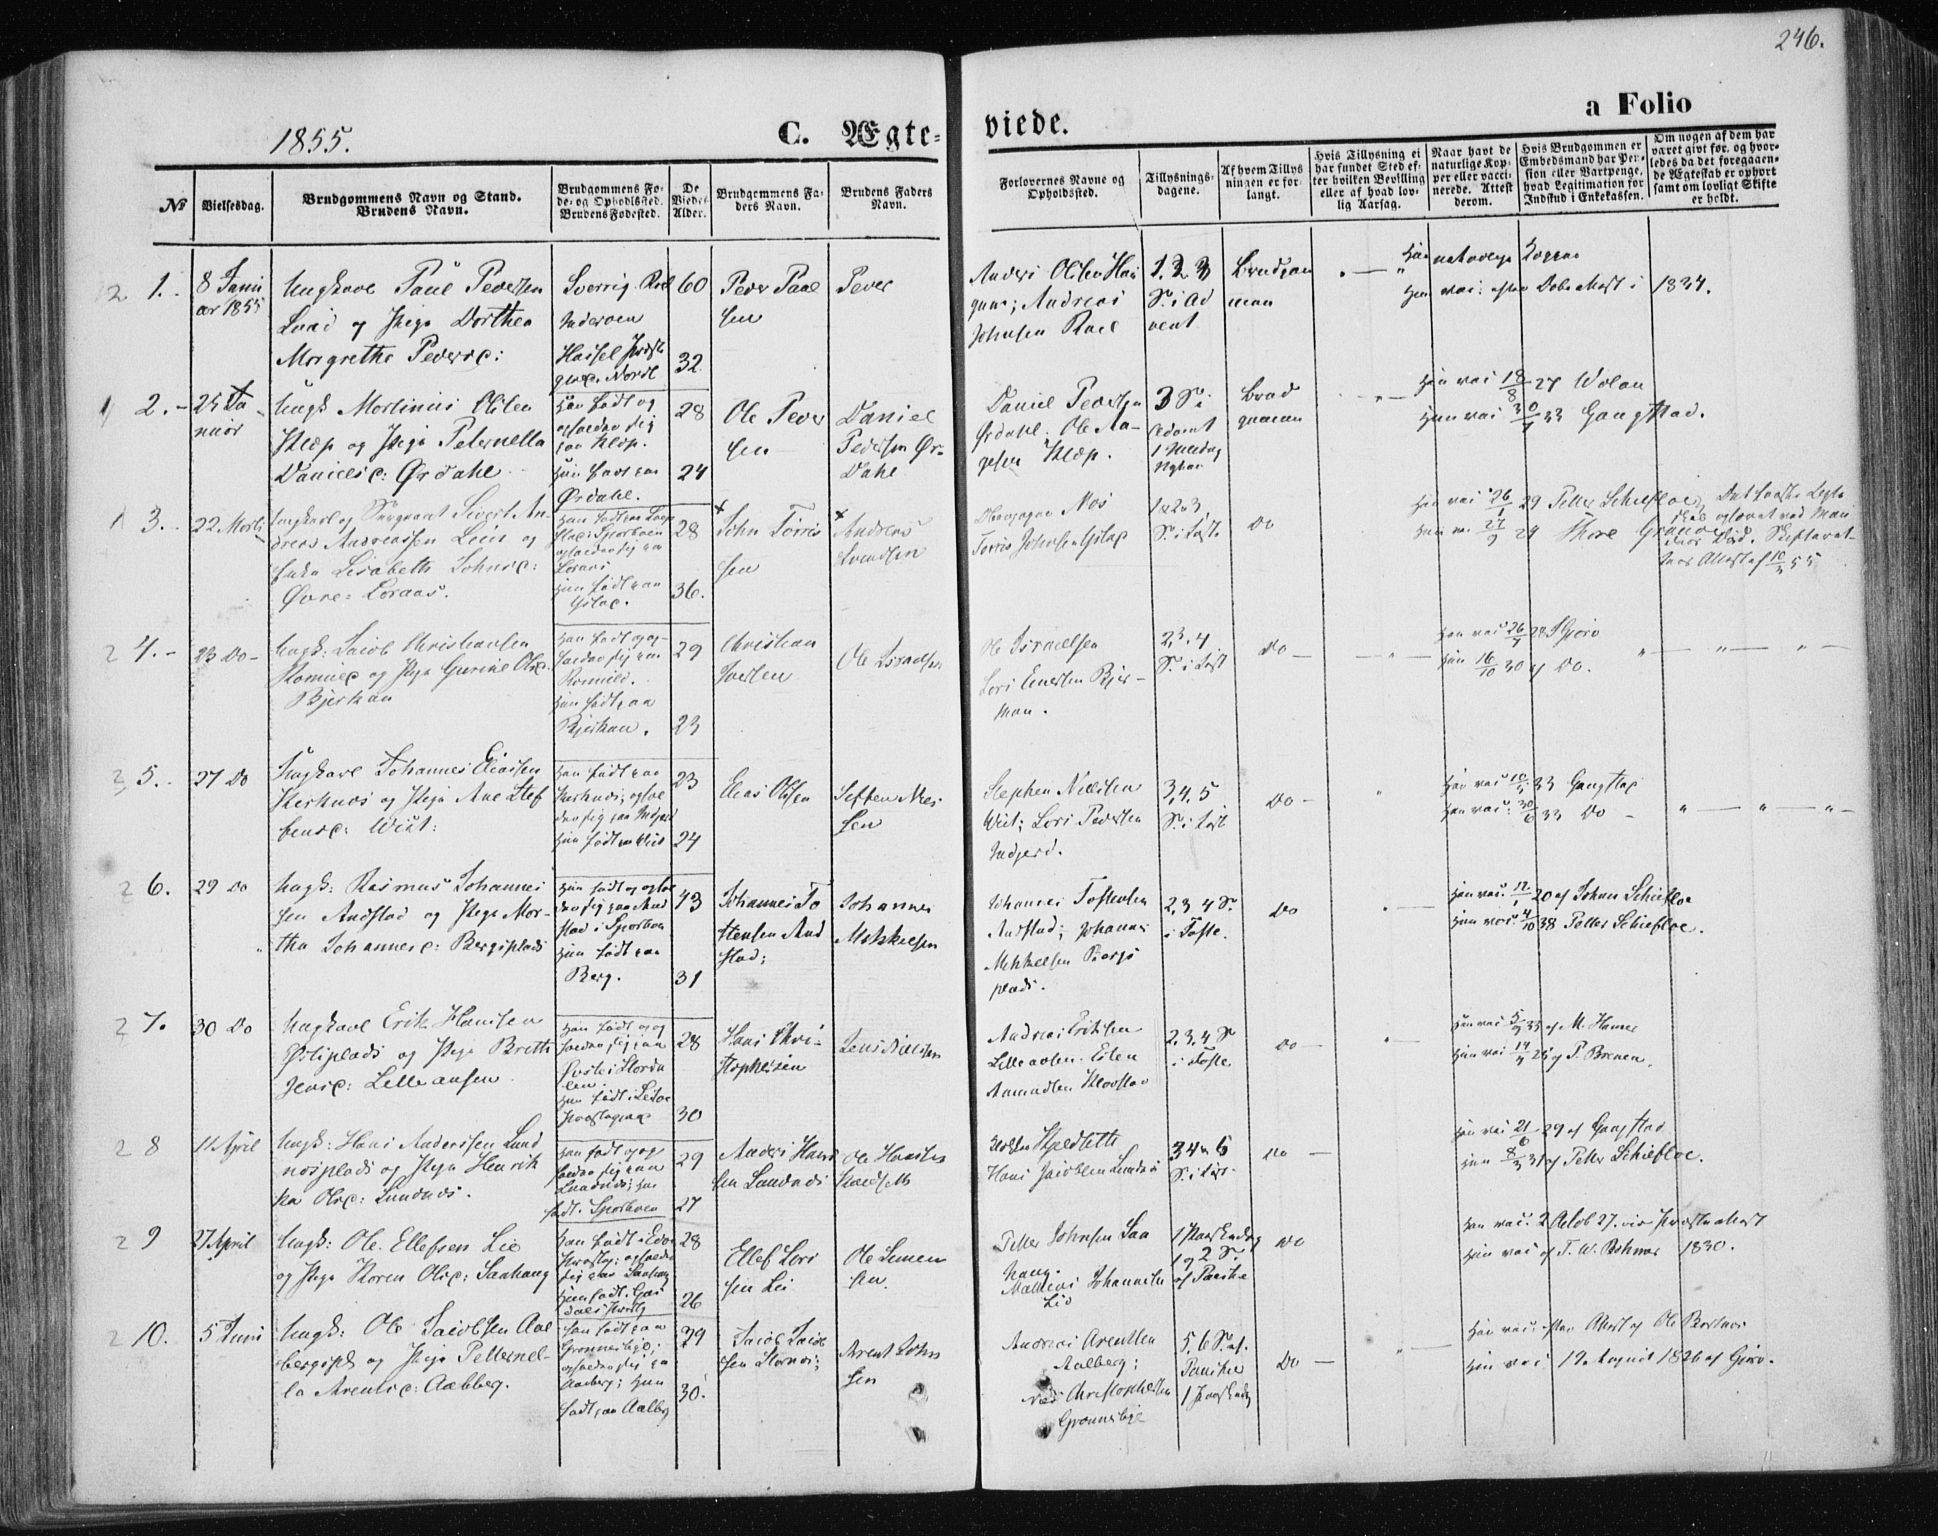 SAT, Ministerialprotokoller, klokkerbøker og fødselsregistre - Nord-Trøndelag, 730/L0283: Ministerialbok nr. 730A08, 1855-1865, s. 246